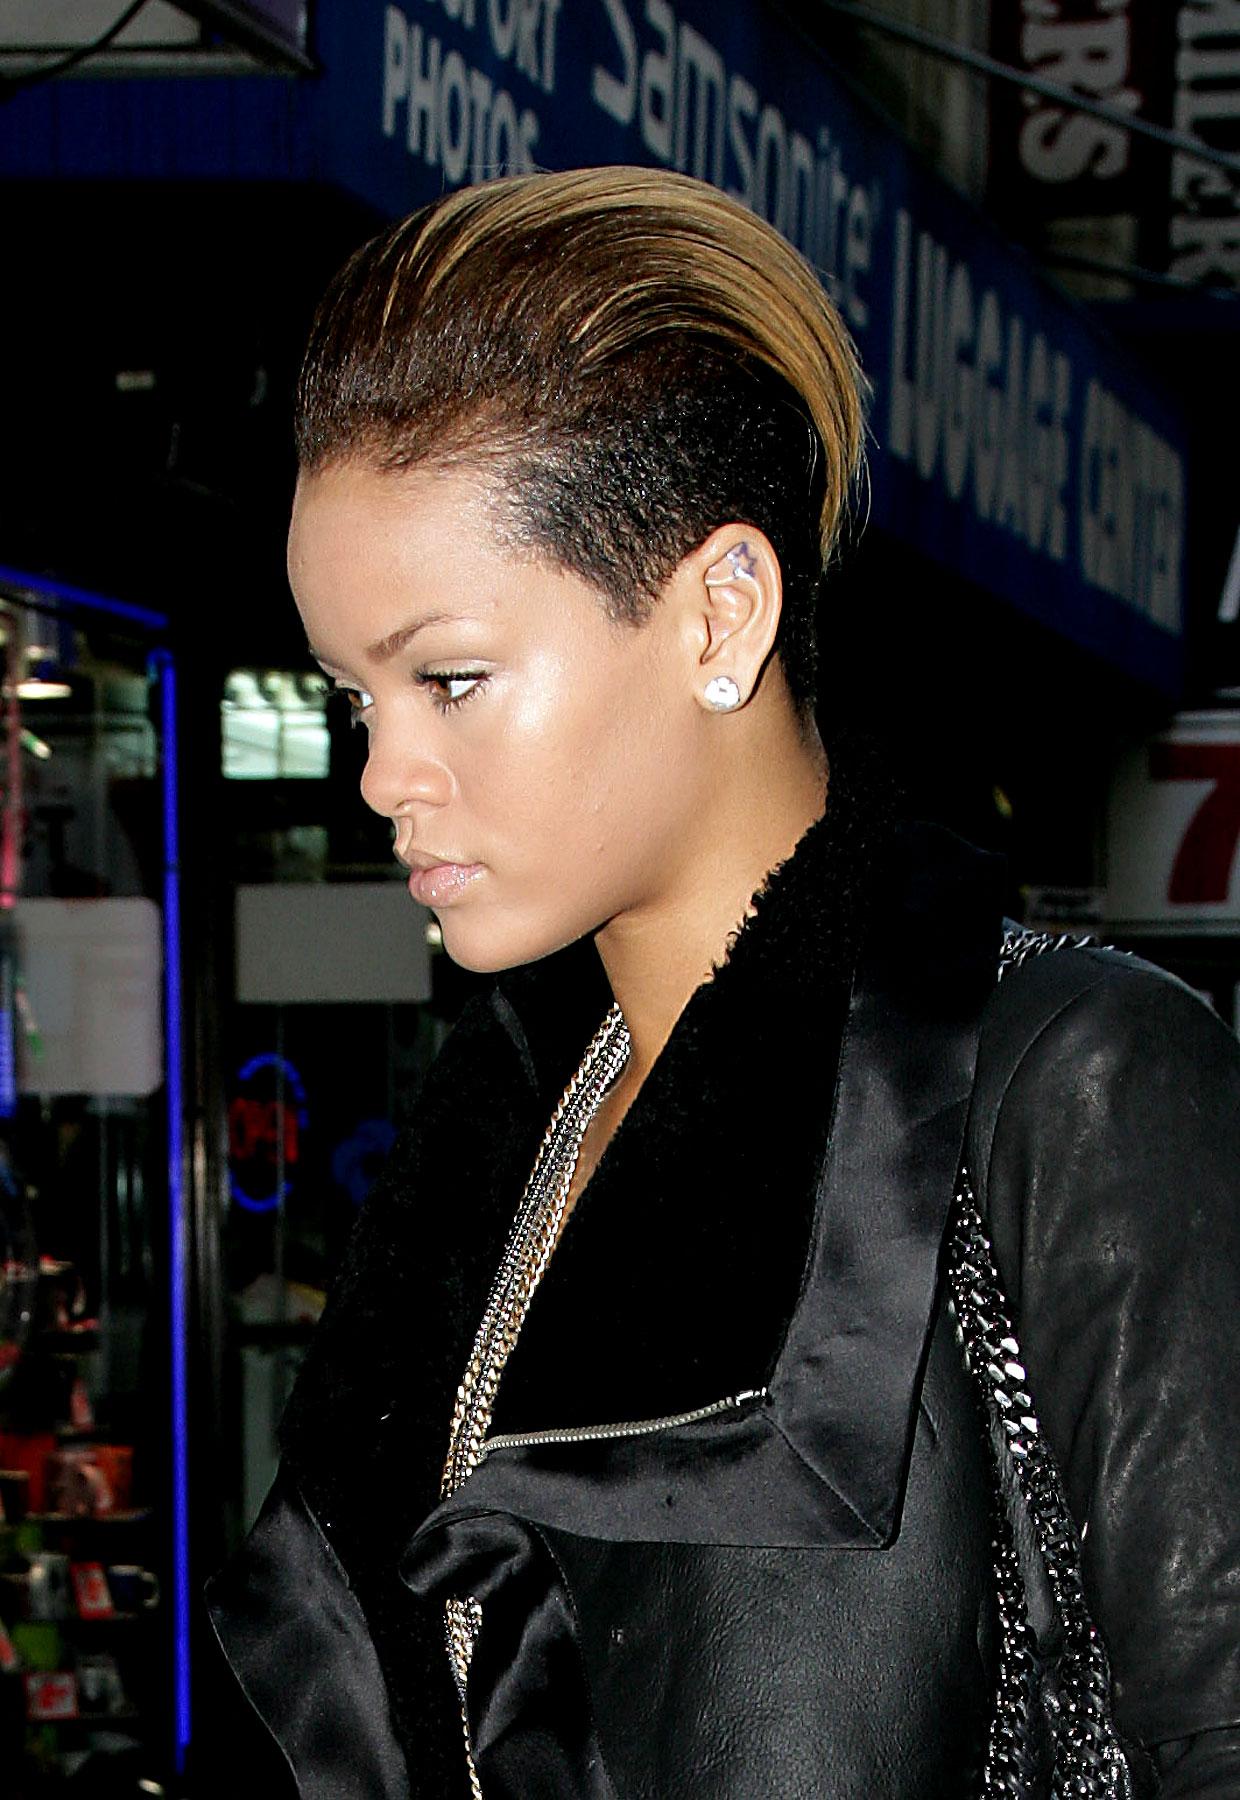 PHOTO GALLERY: Rihanna's New Do